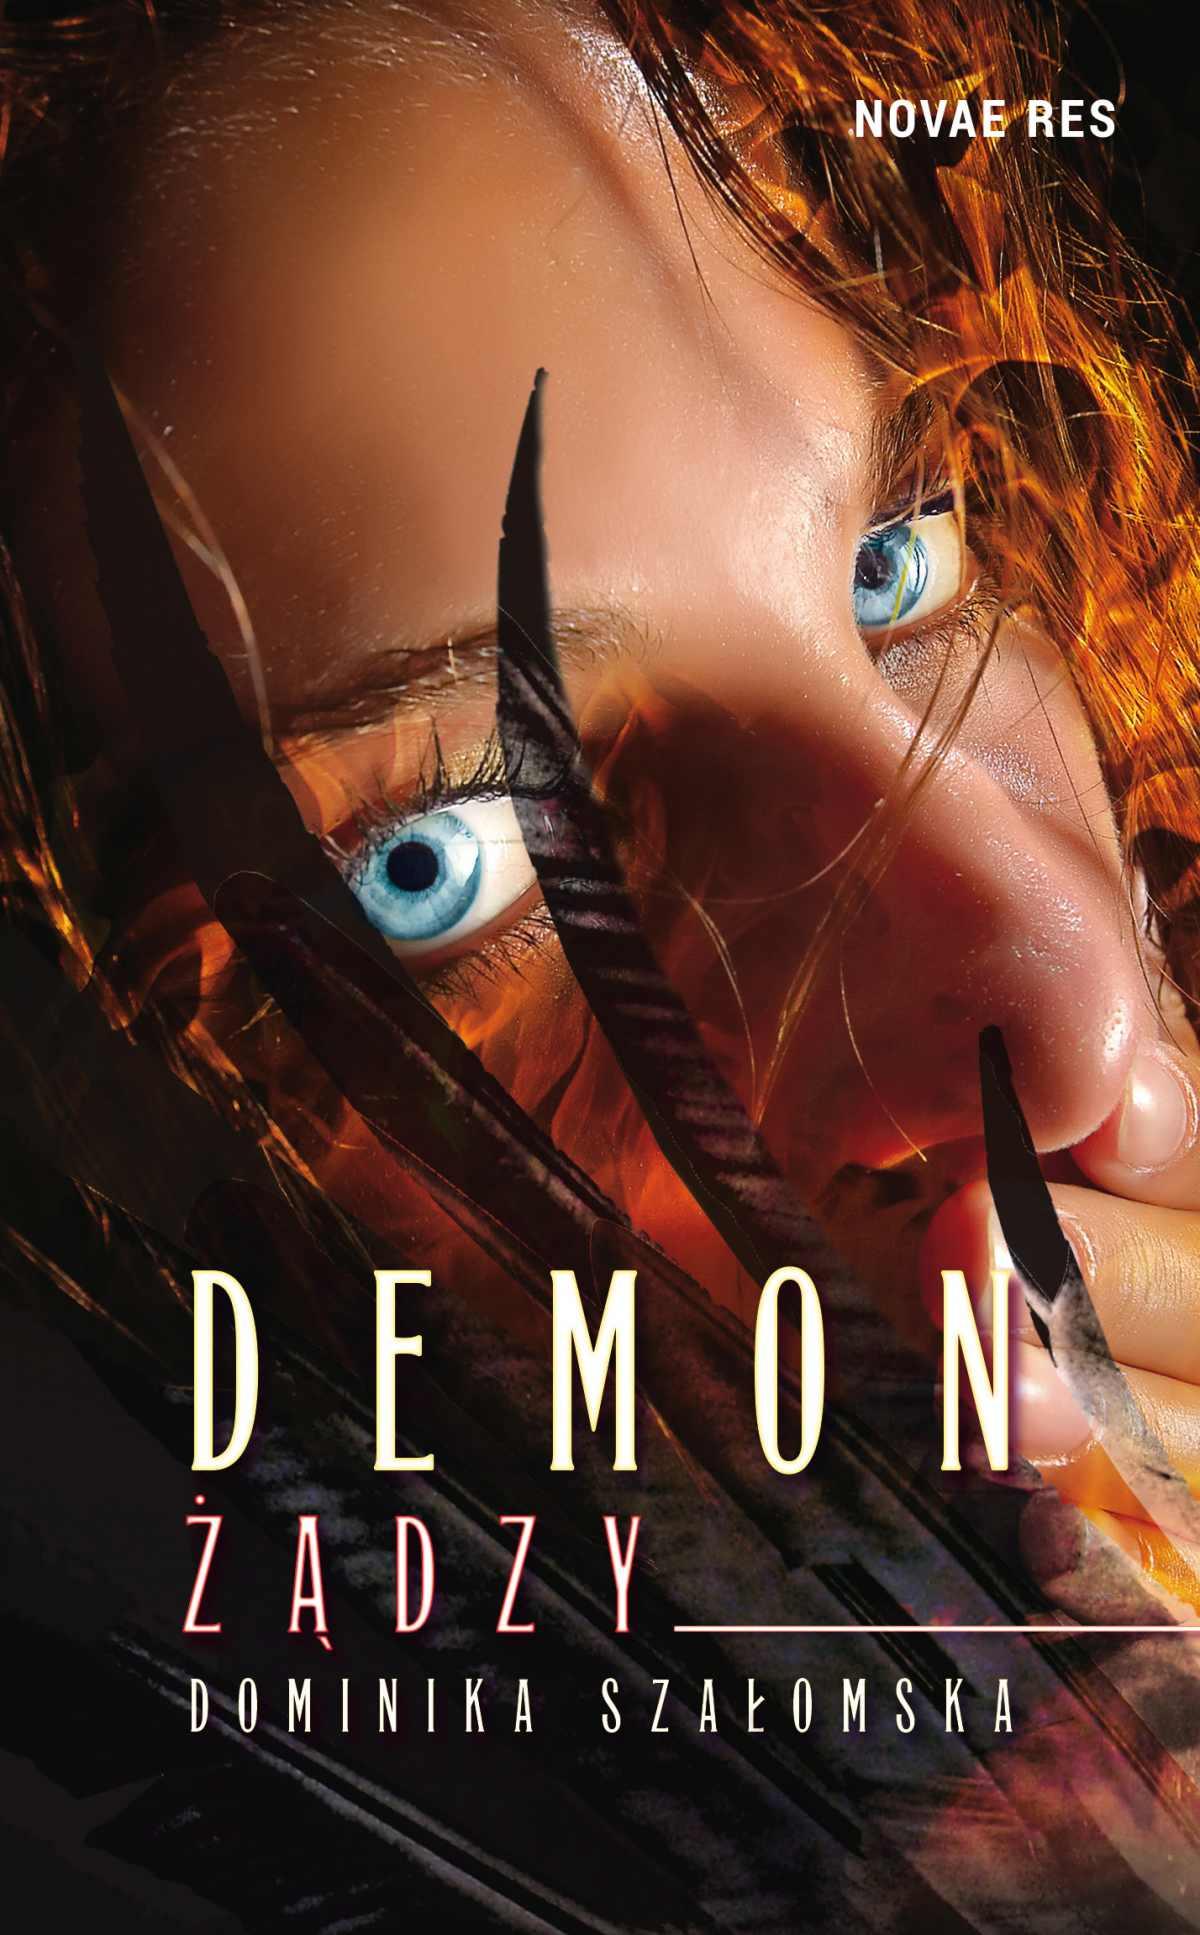 Demon żądzy - Ebook (Książka EPUB) do pobrania w formacie EPUB